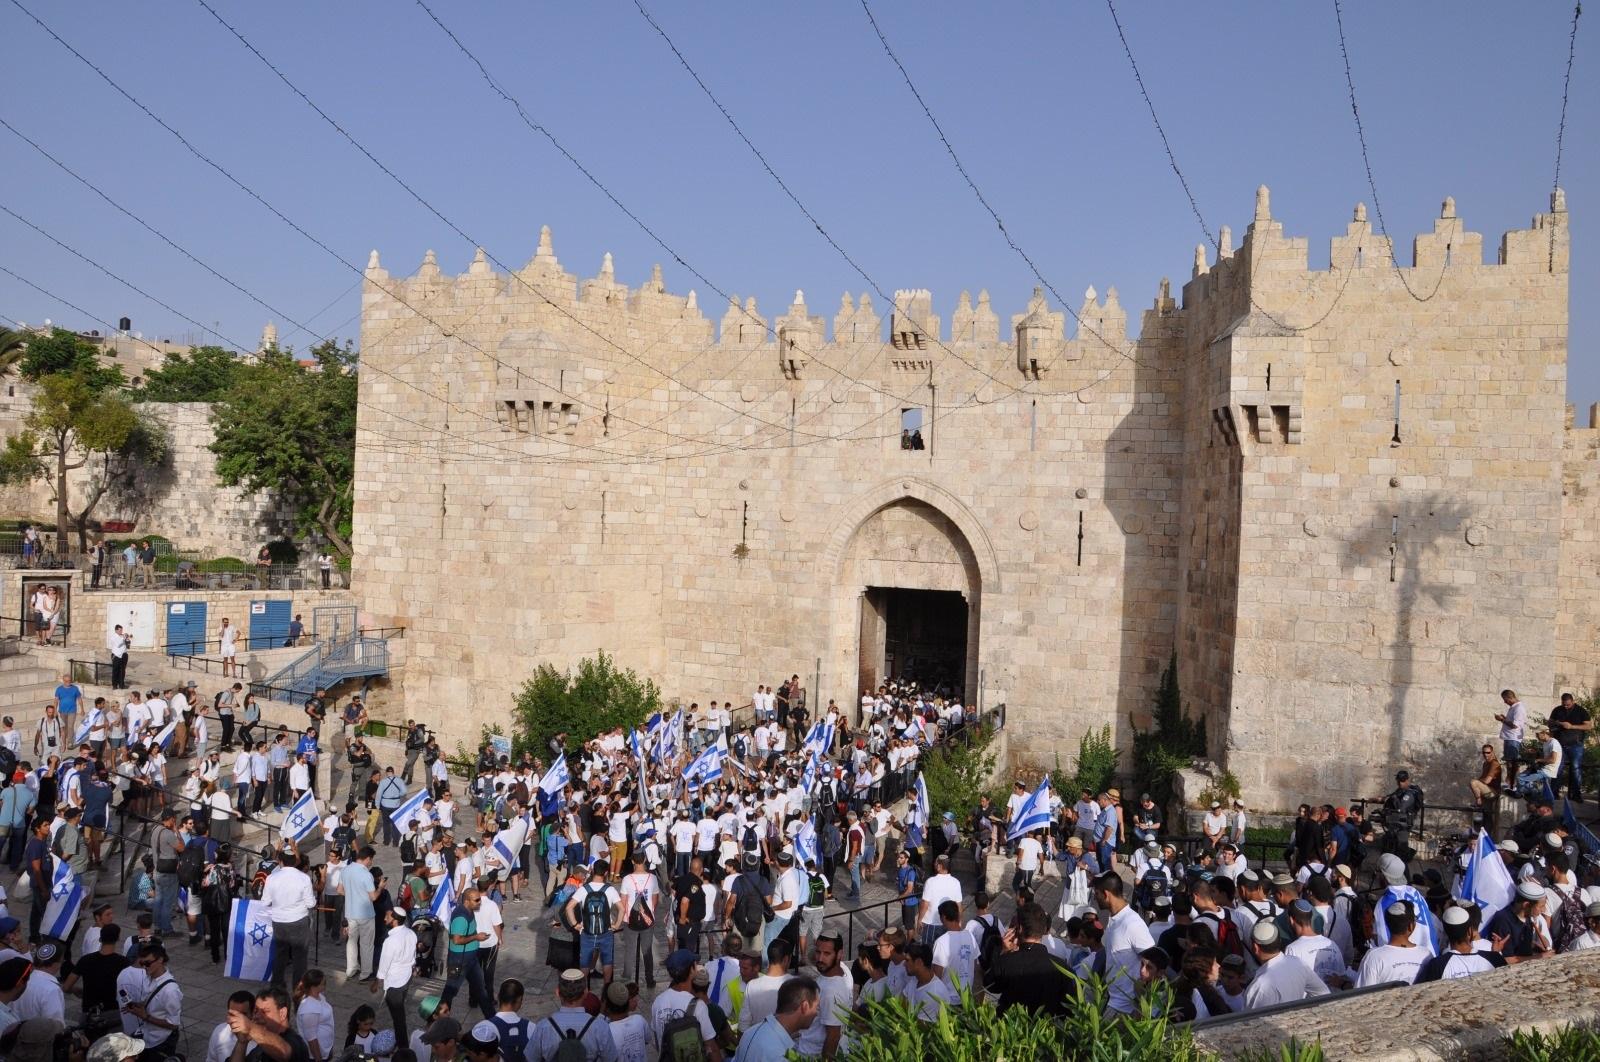 ריקוד הדגלים בכניסה לרובע המוסלמי (שלמה קרדש)